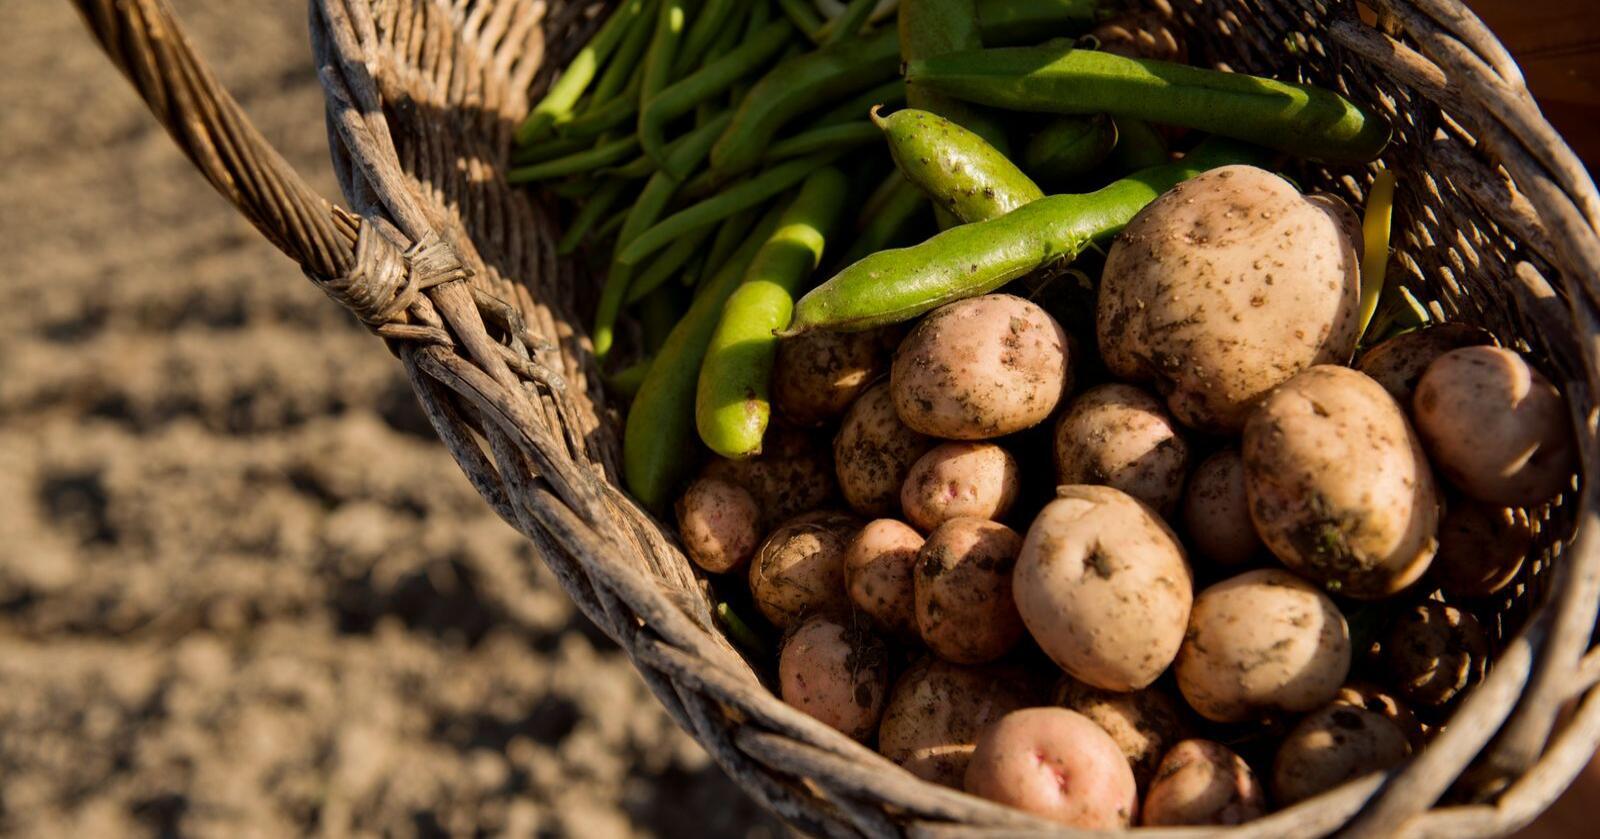 Årets potetavling ser ut til å bli mindre enn fjorårets avling. Illustrasjonsfoto: Fredrik Varfjell / NTB